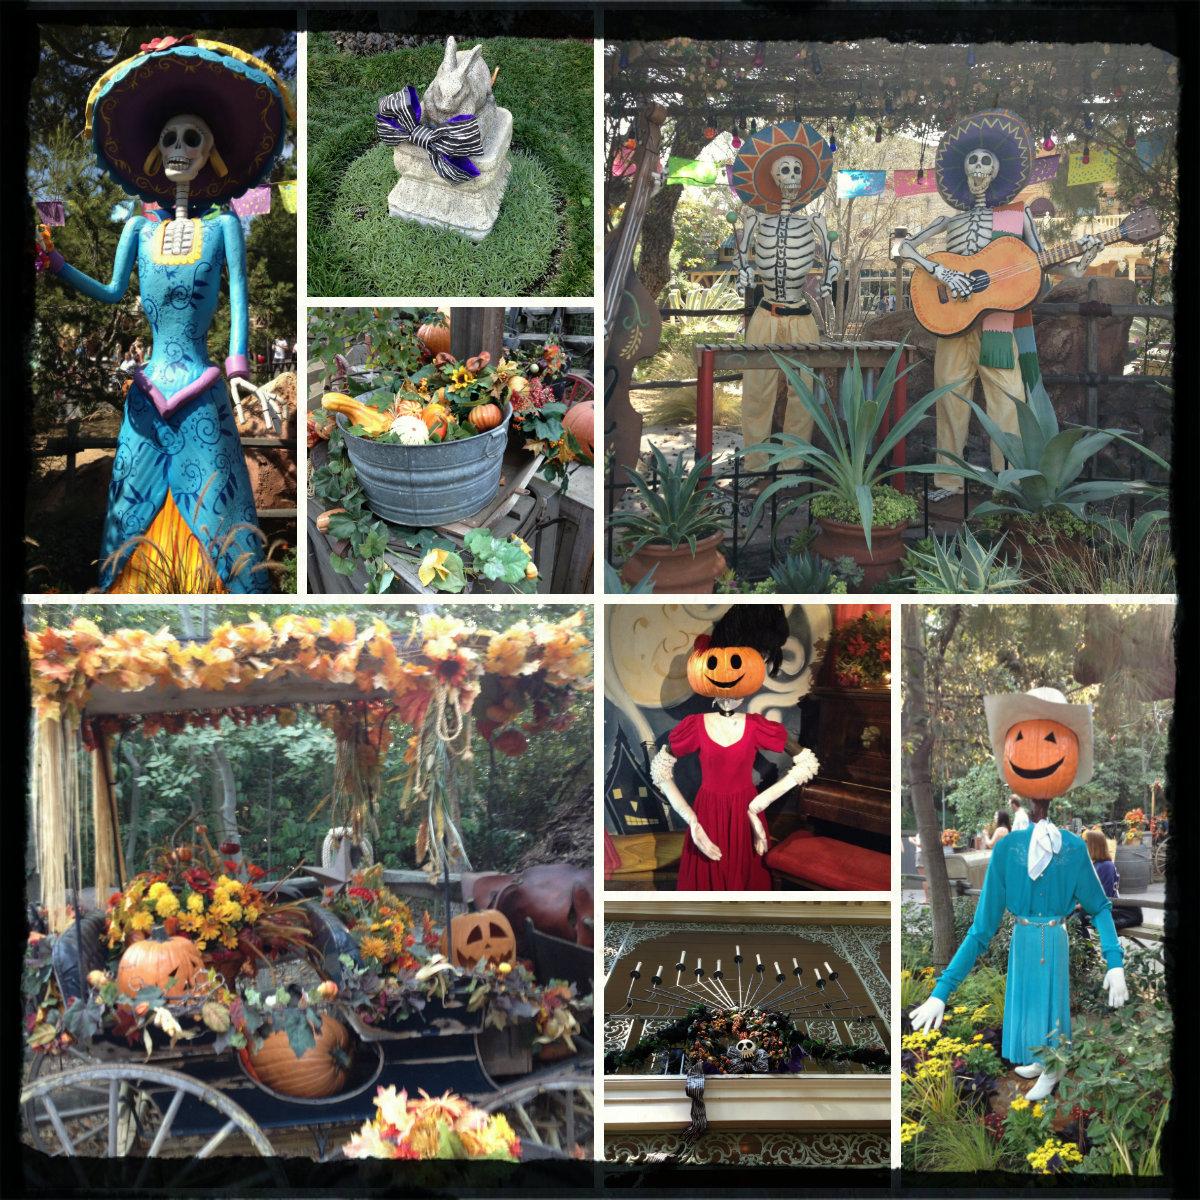 Fall Extravaganza At Disneyland